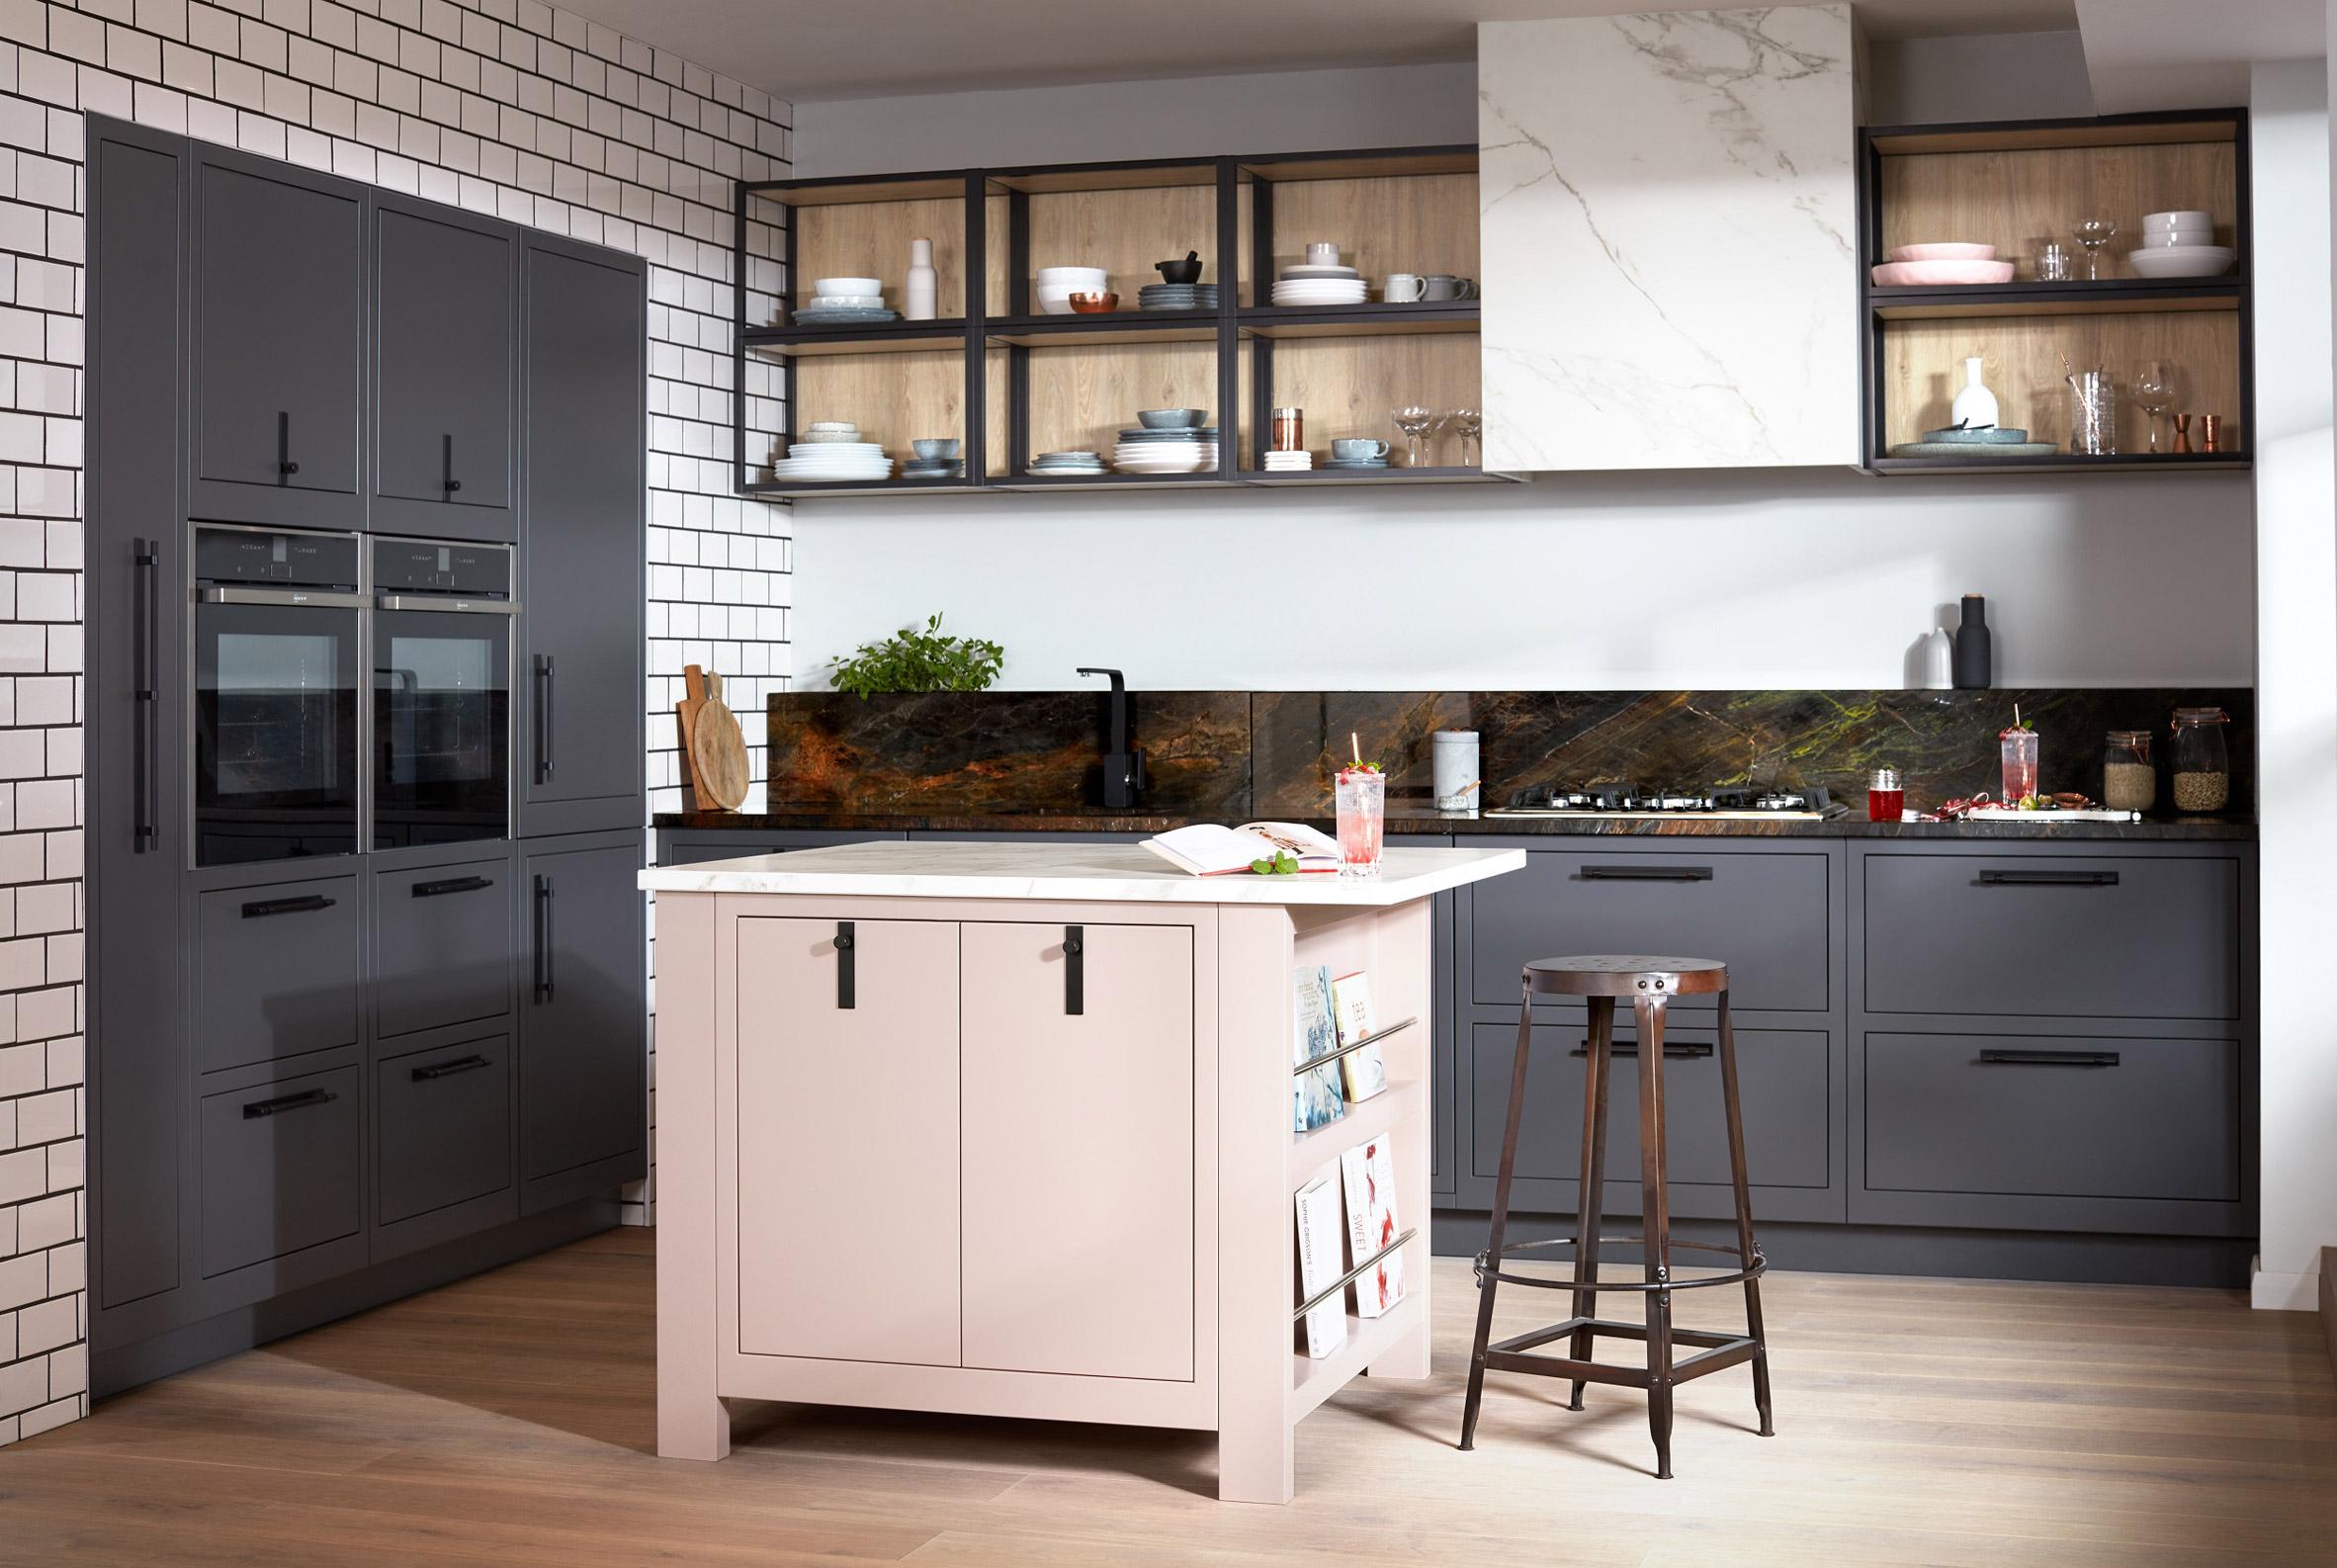 Mẫu tủ bếp hiện đại 2